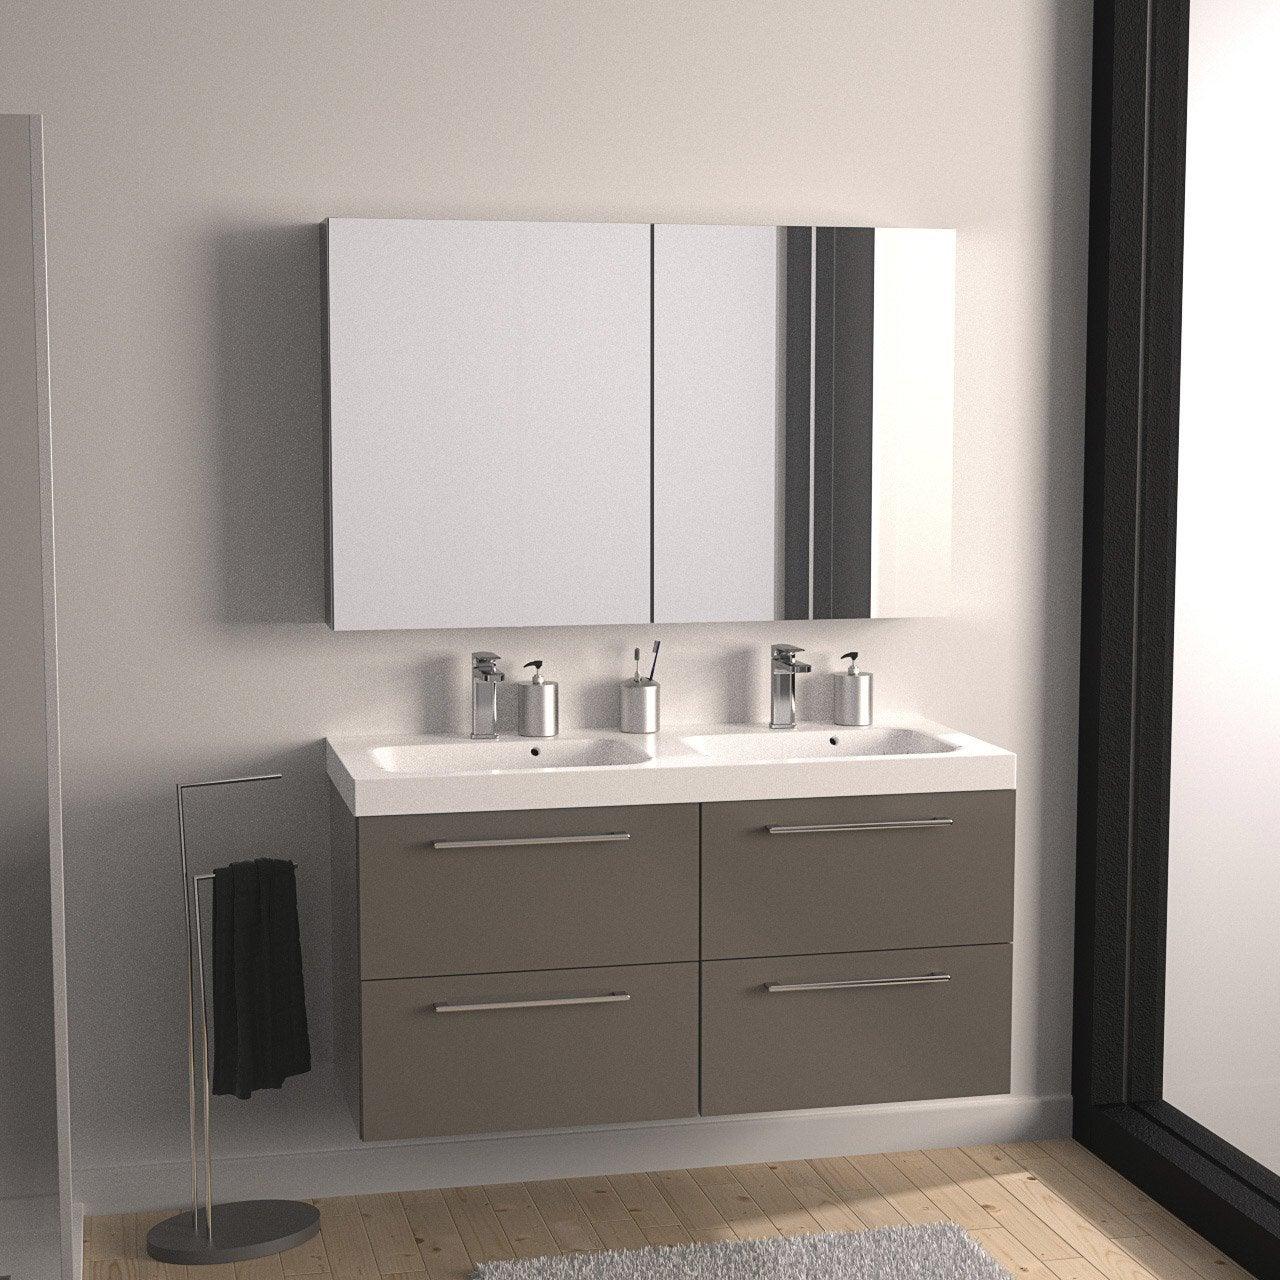 Meuble de salle de bains plus de 120 brun marron remix - Meuble colonne salle de bain leroy merlin ...